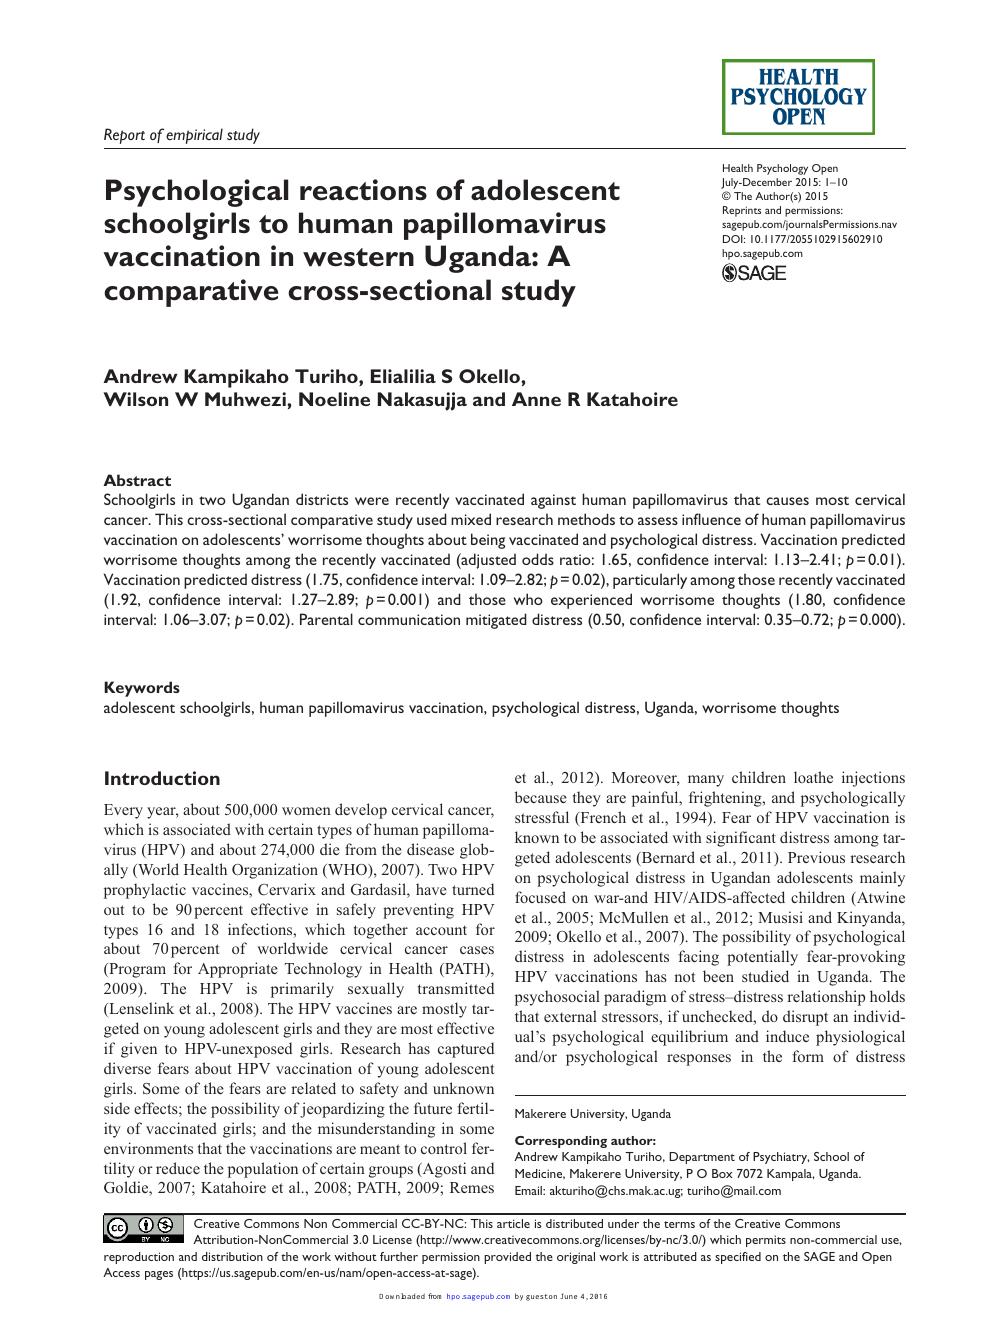 human papillomavirus in uganda)